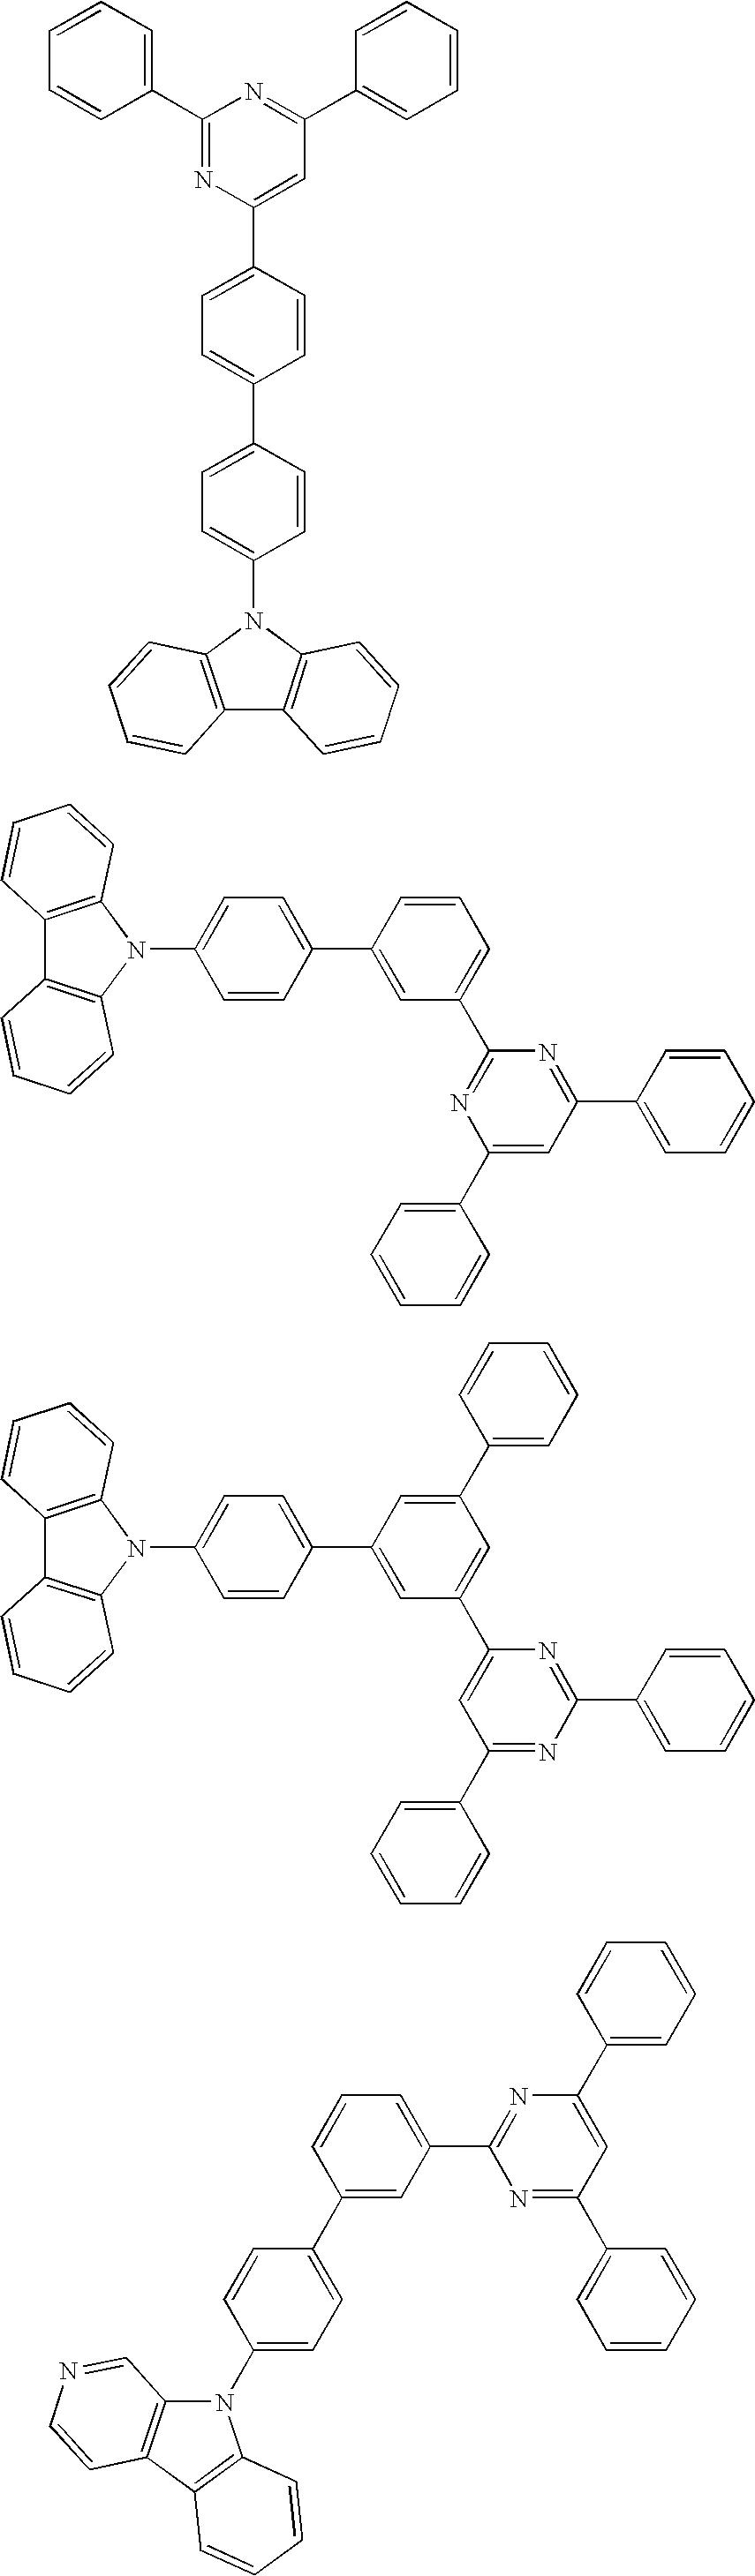 Figure US07608993-20091027-C00017